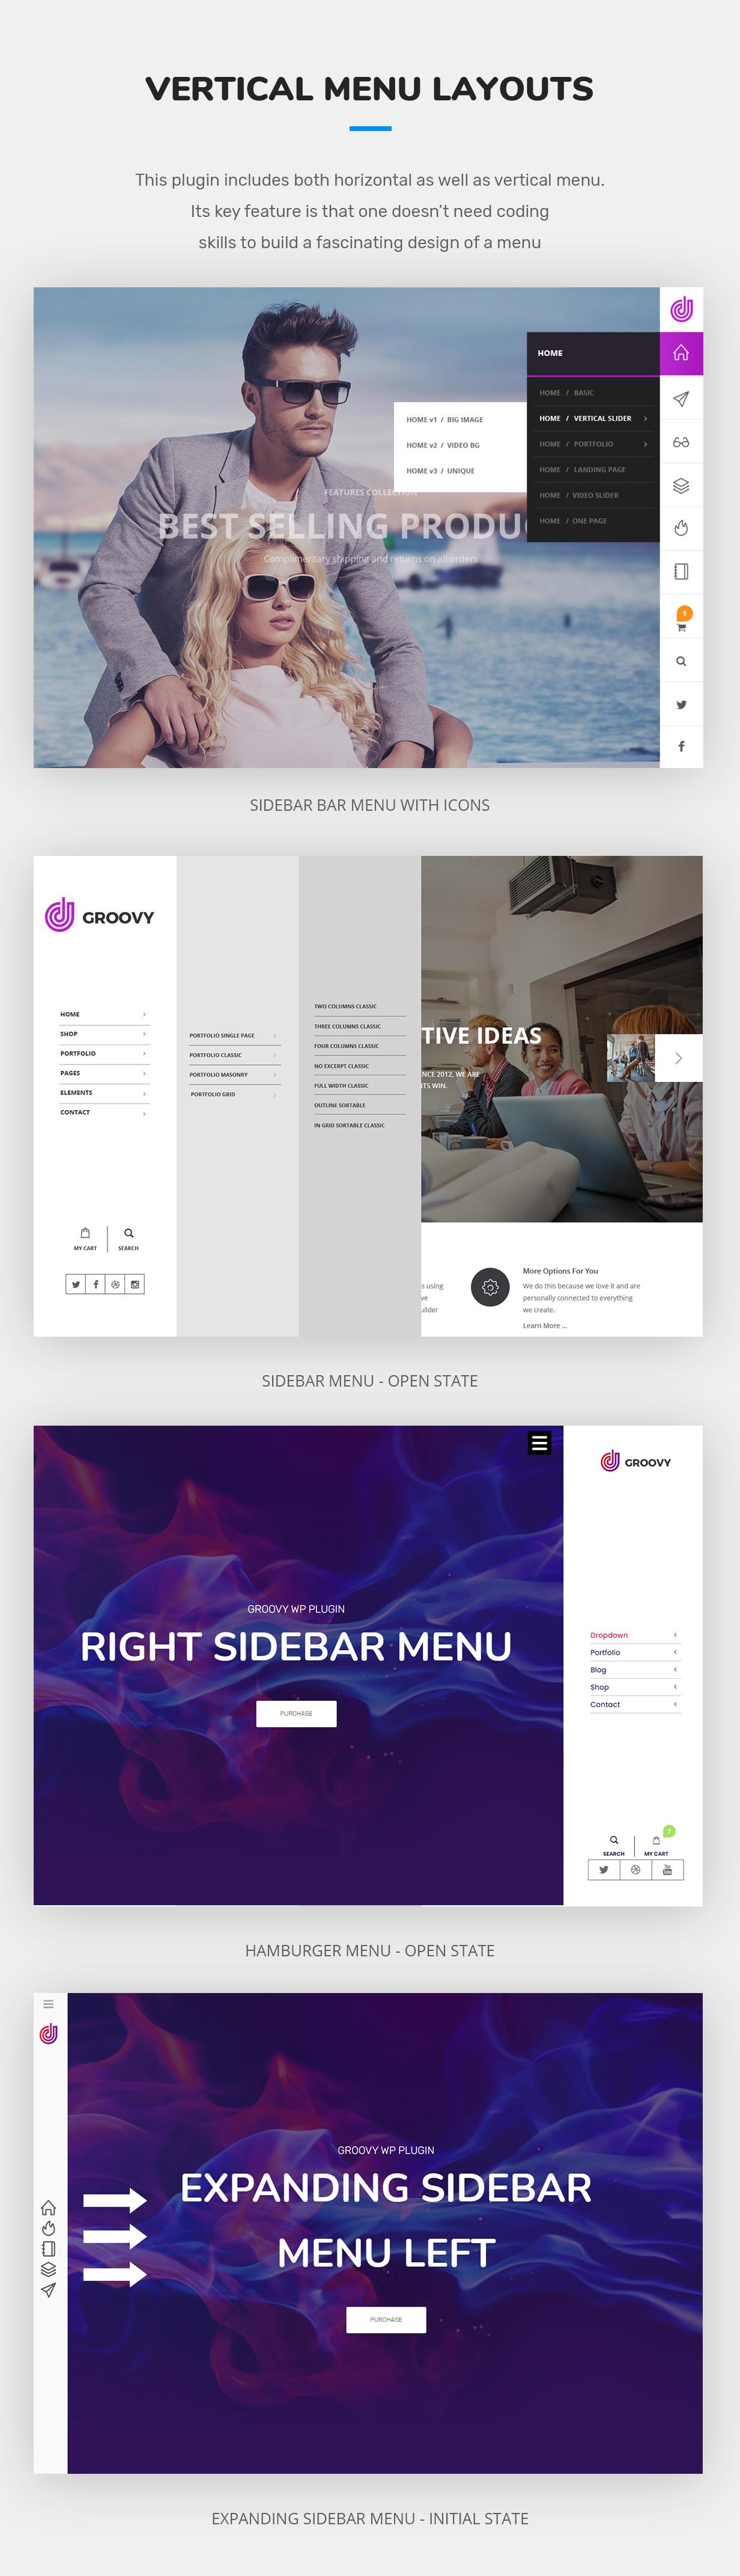 vertical mega menu